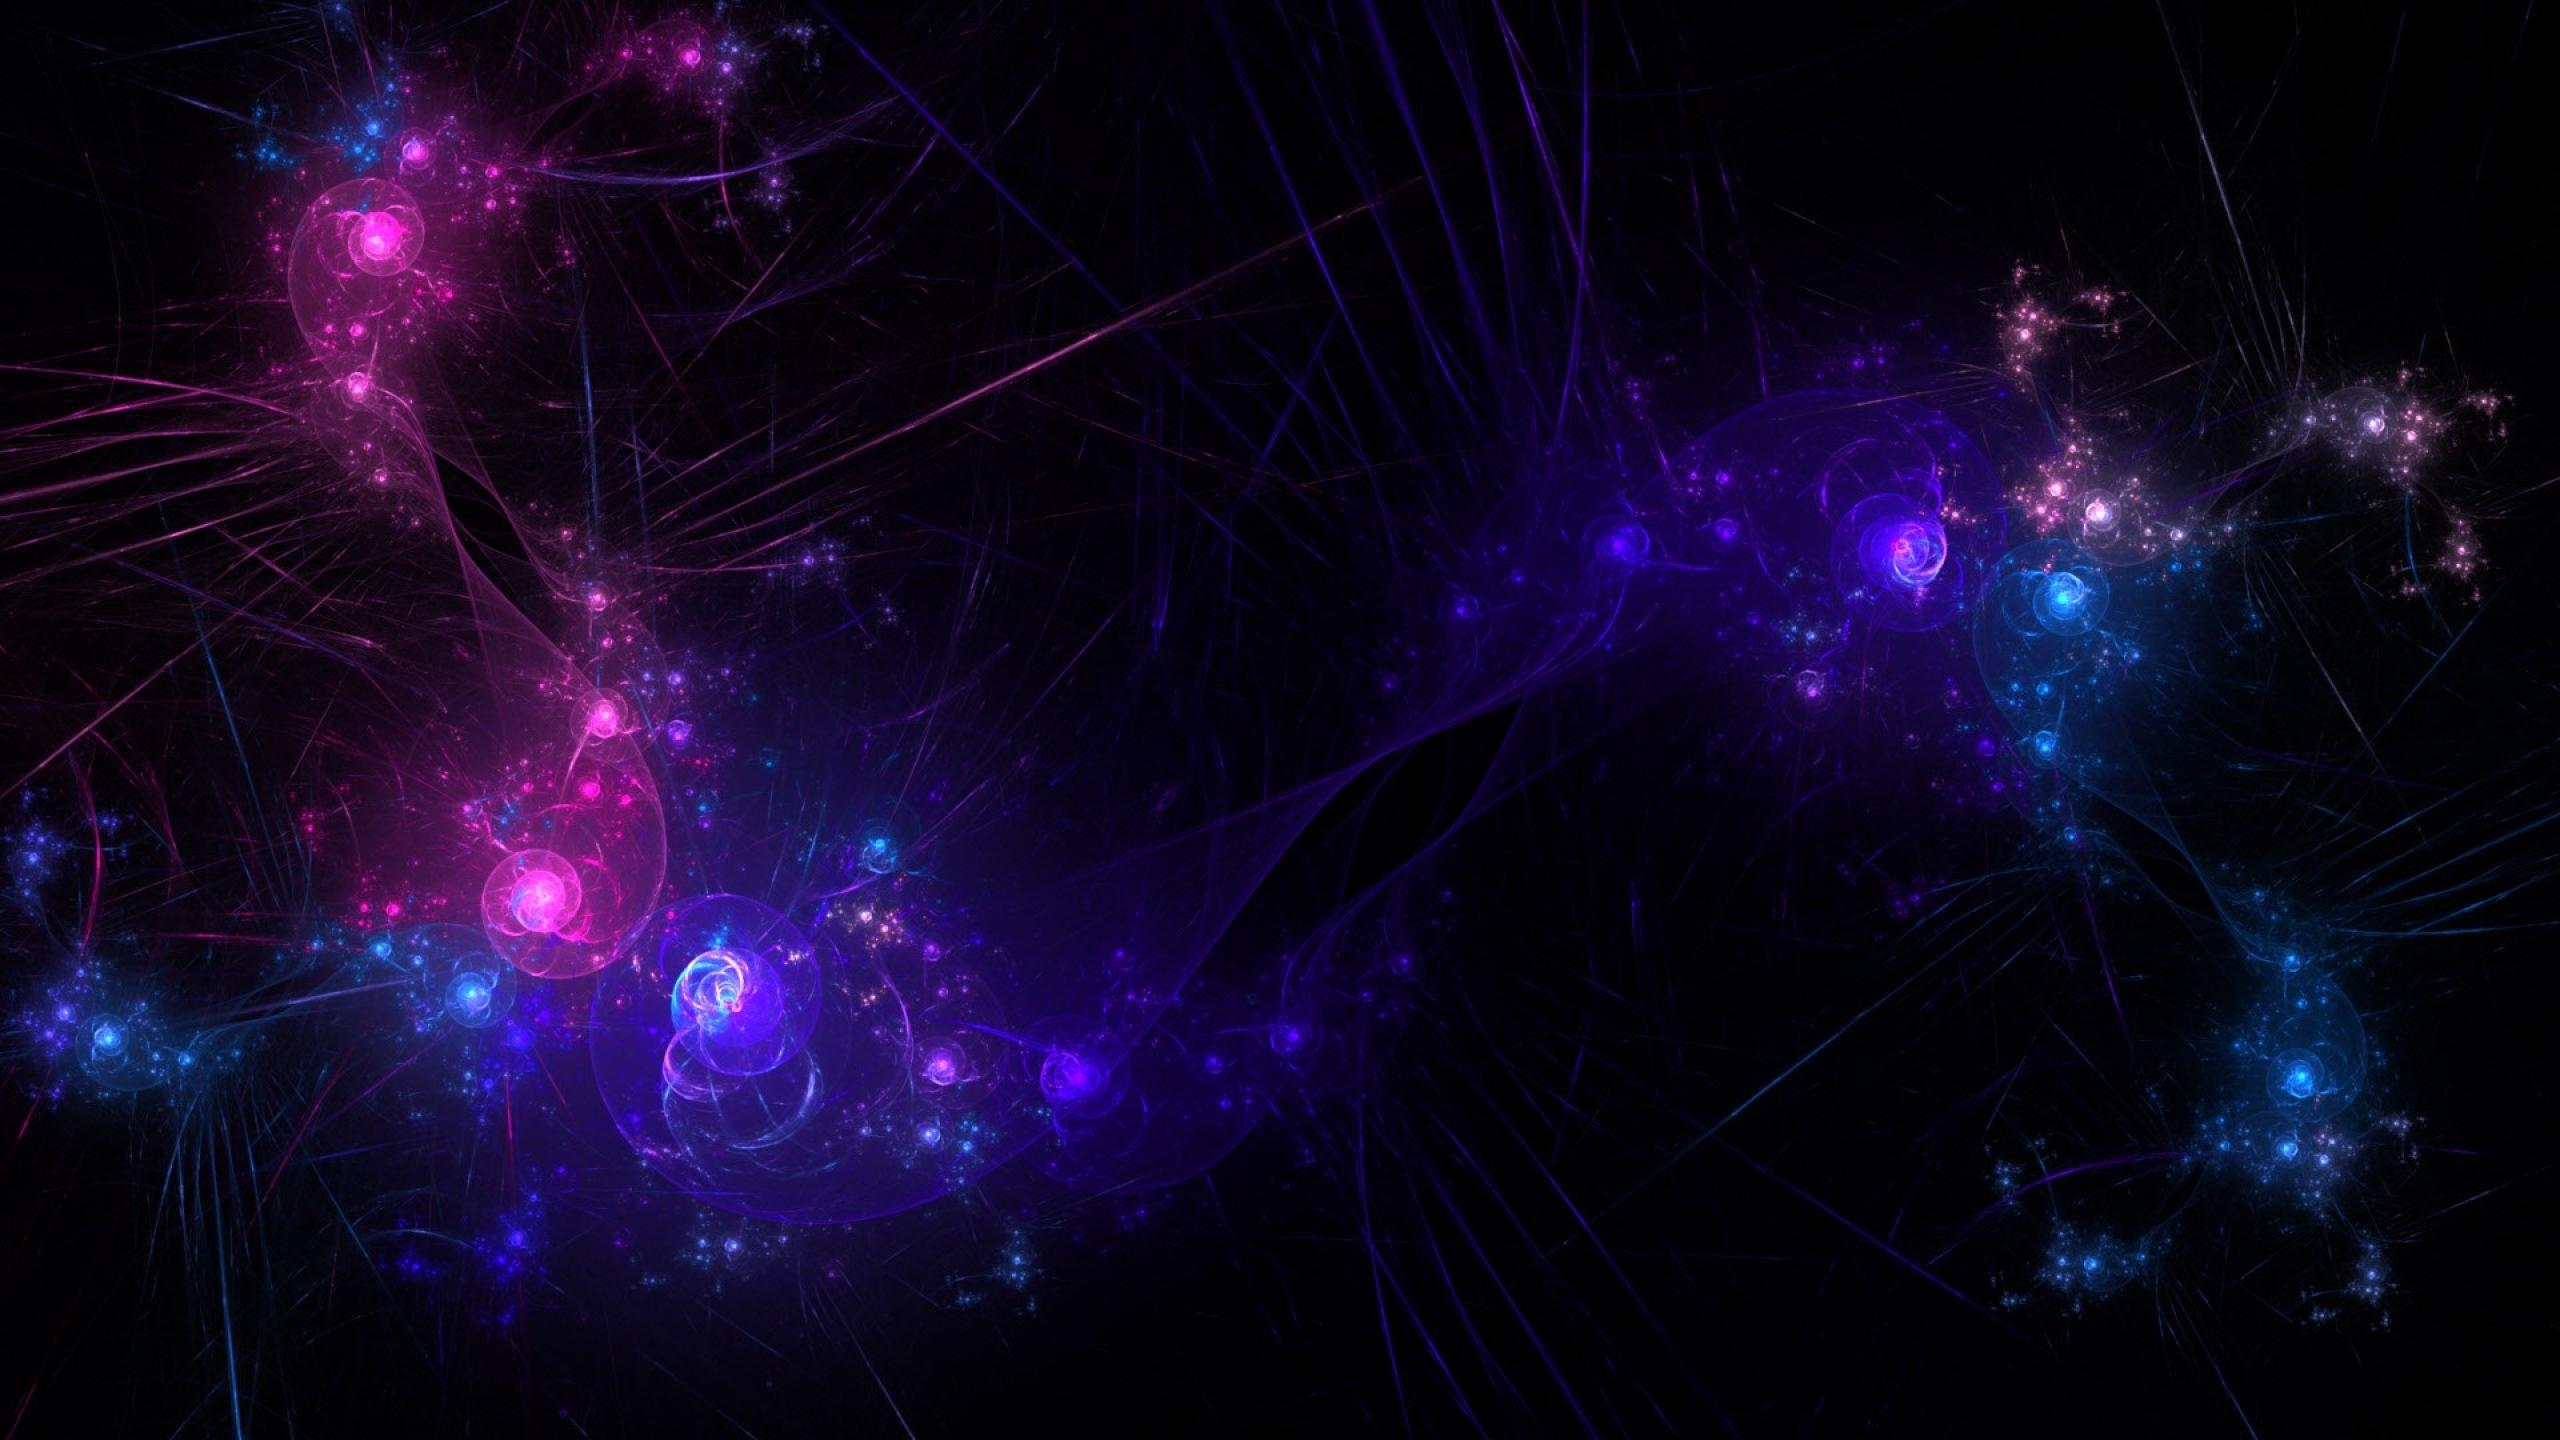 Абстрактные космические формы  № 2850693 без смс